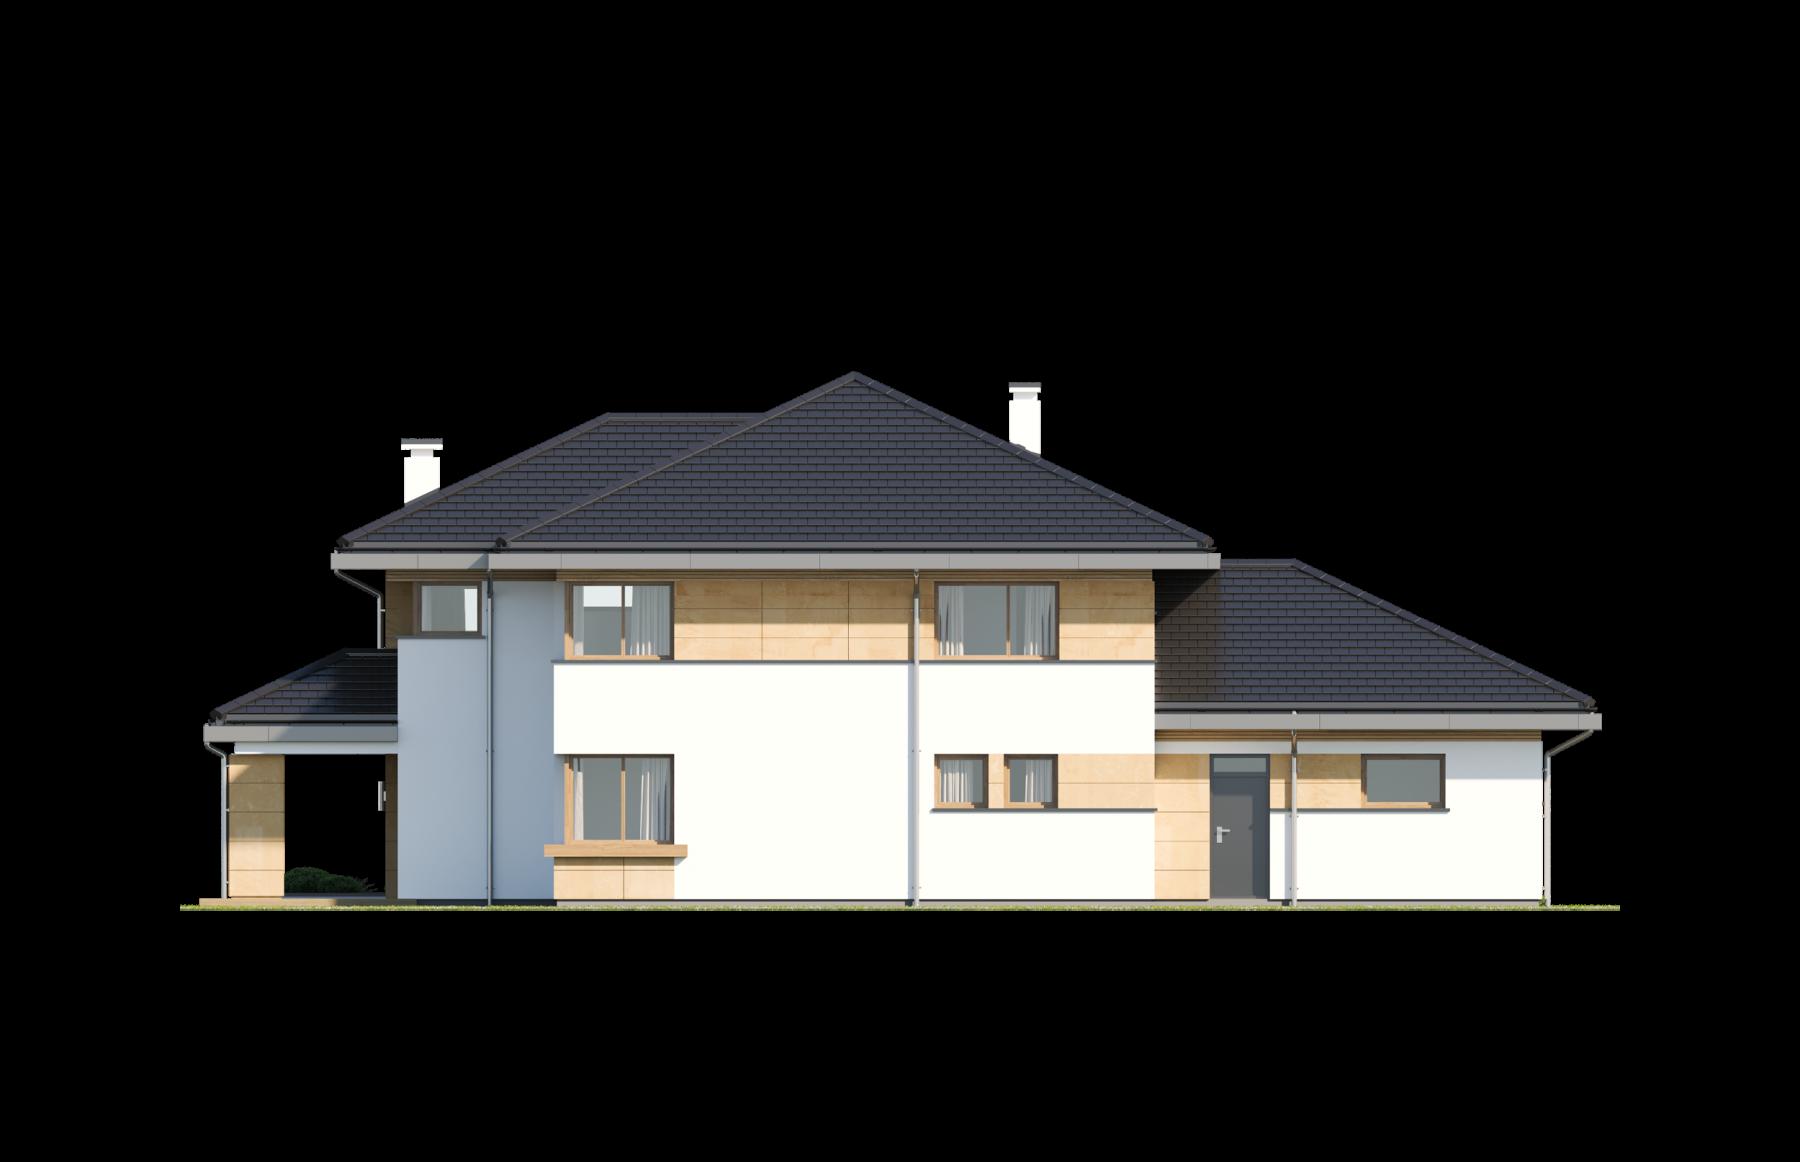 Dom z widokiem 3 wariant B - elewacja ogrodowa odbicie lustrzane